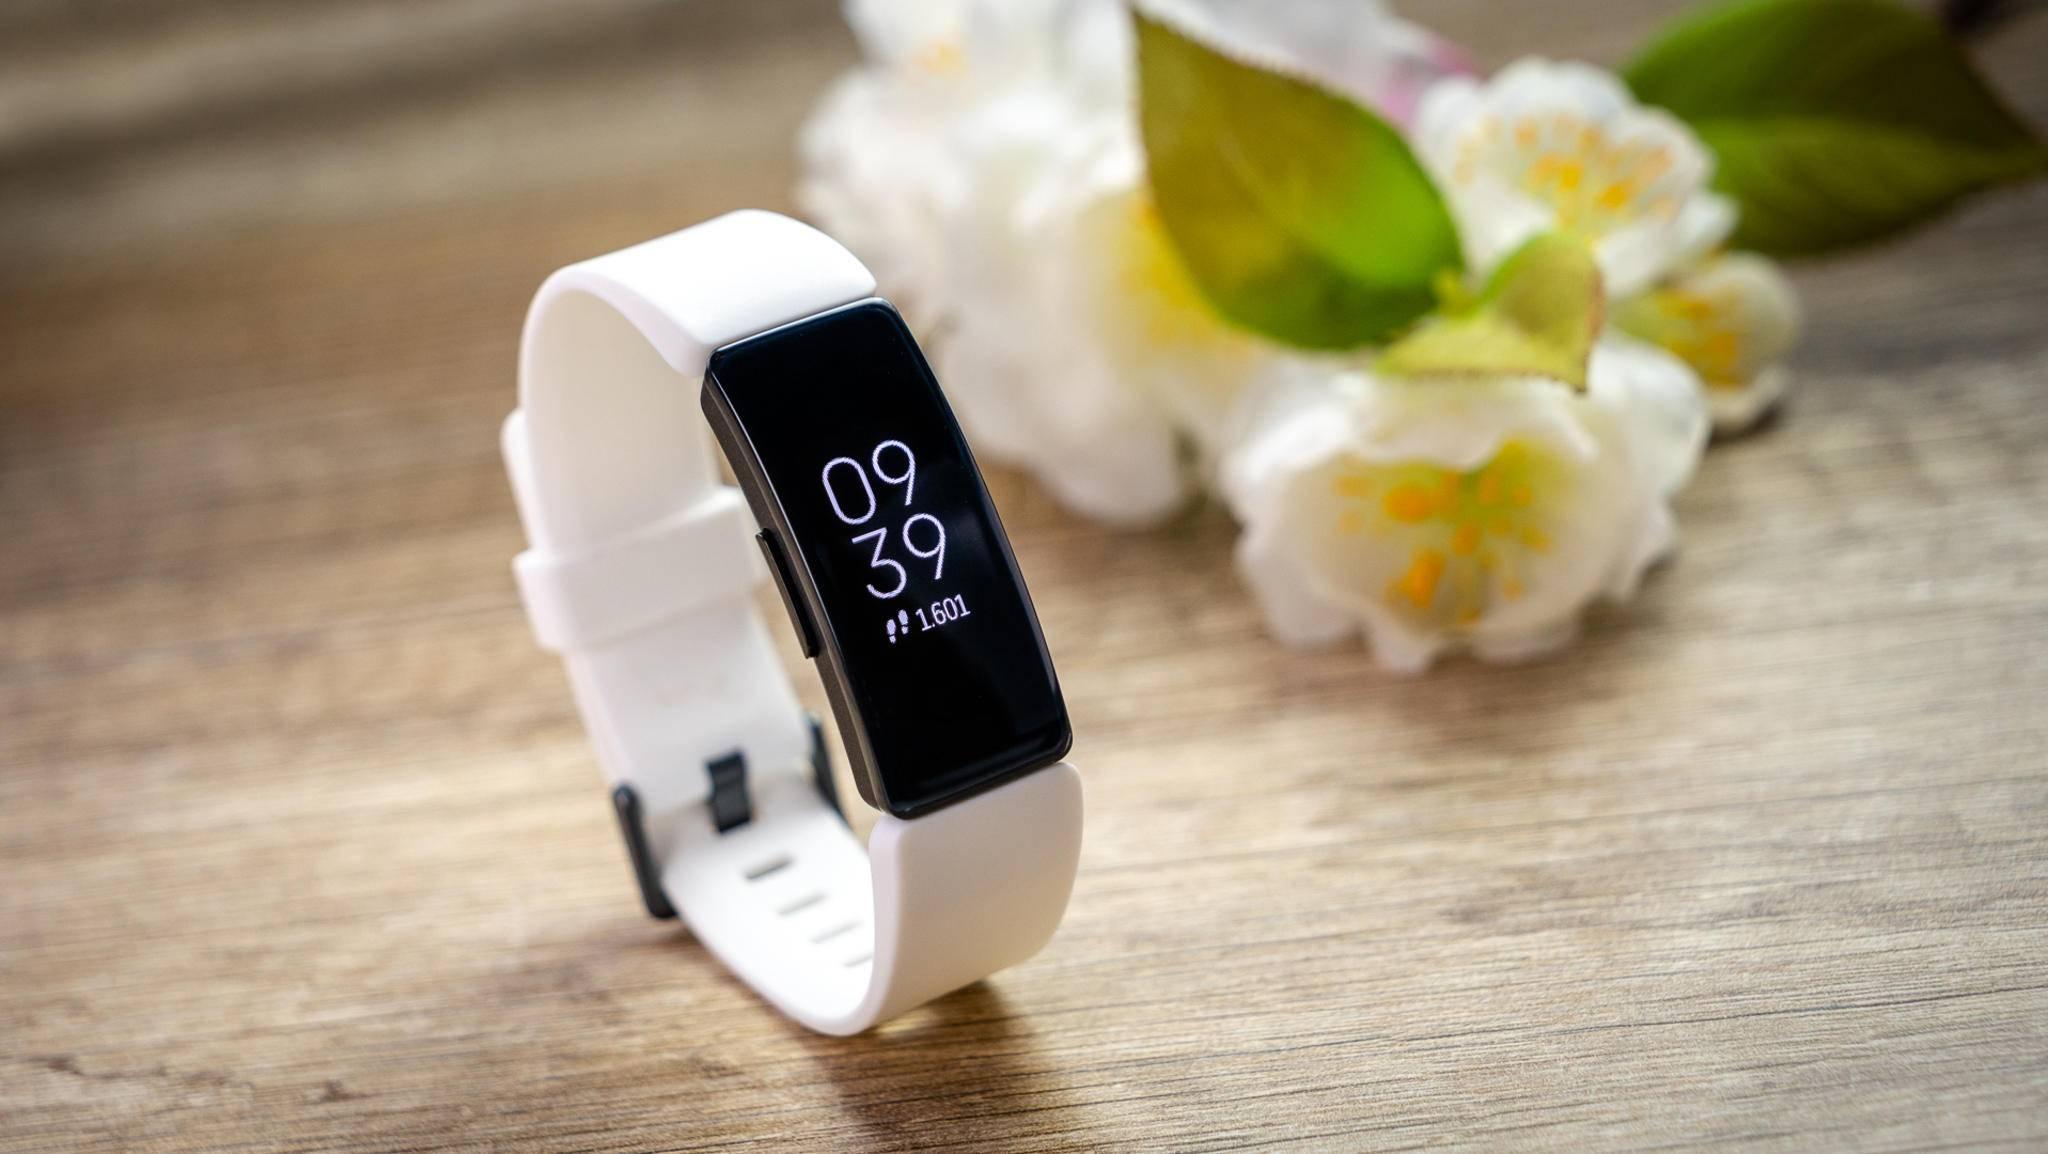 Der Fitbit Inspire HR möchte als Einsteigermodell überzeugen. Ob's klappt?